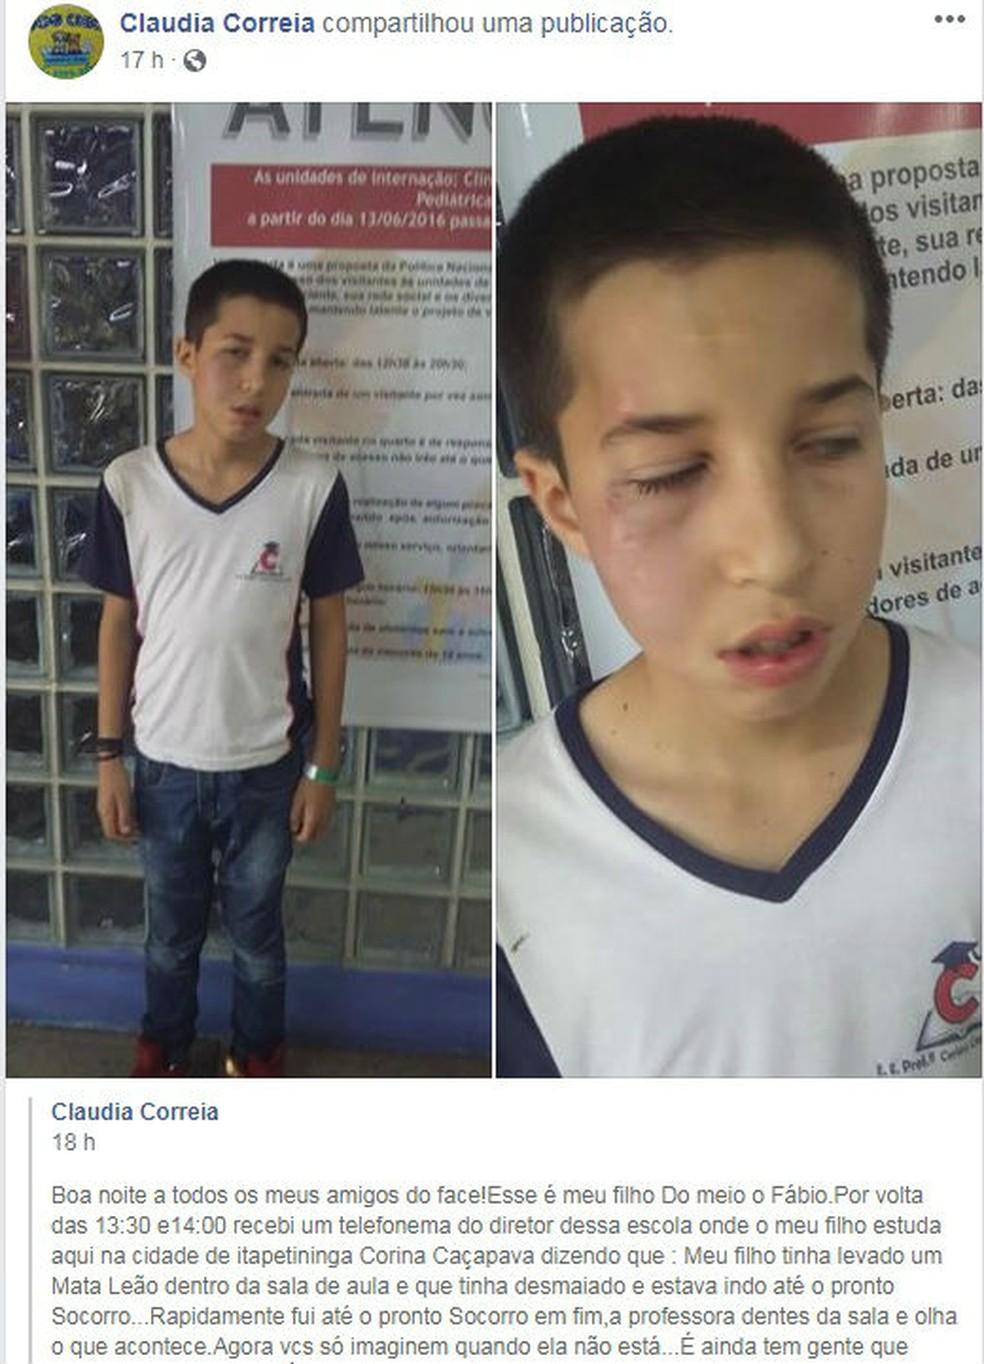 Mãe fez desabafo nas redes sociais depois de filho ser agredido dentro de escola em Itapetininga — Foto: Facebook/Claudia Correia/Reprodução